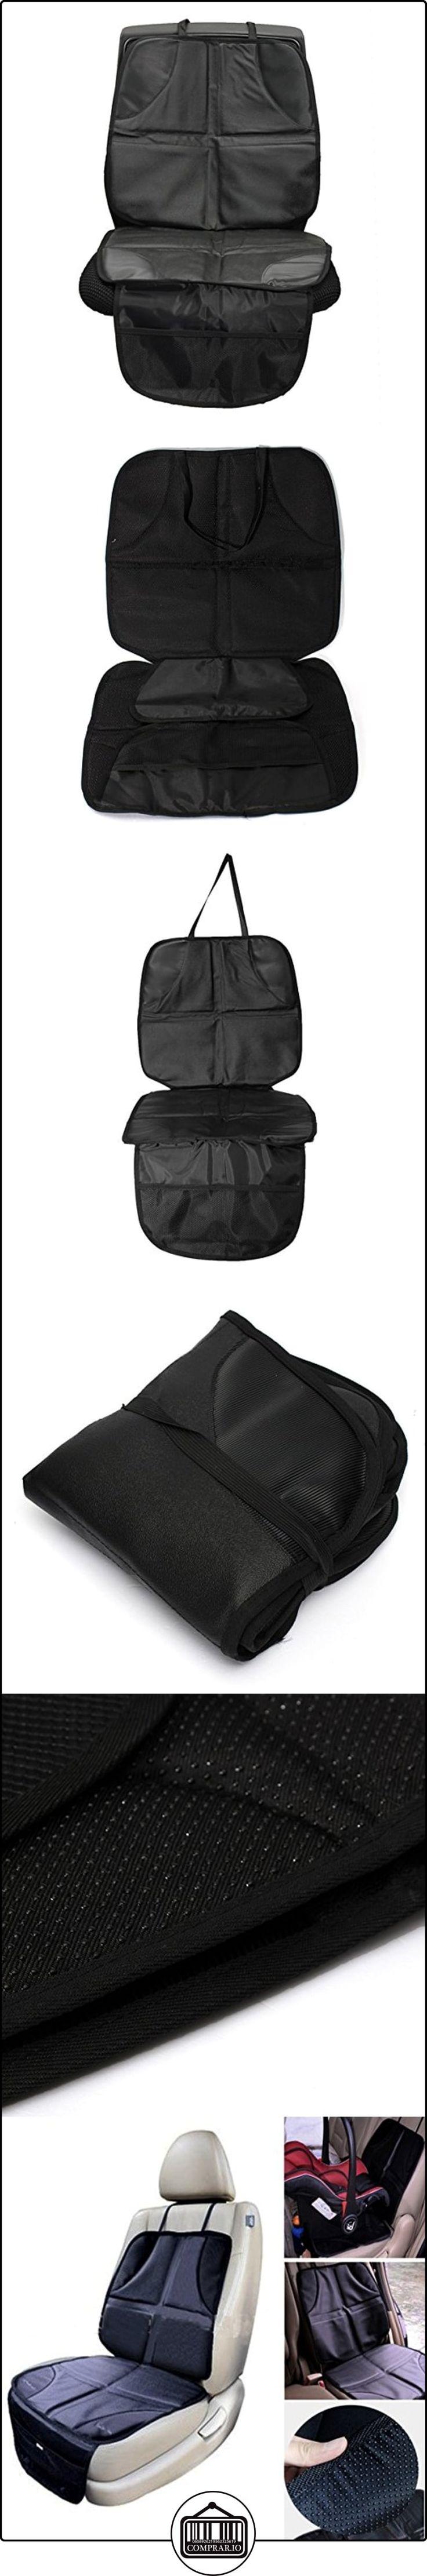 Coche Car niño asiento infantil de seguridad Child Protector Anti-Slip Cojín  ✿ Seguridad para tu bebé - (Protege a tus hijos) ✿ ▬► Ver oferta: http://comprar.io/goto/B01MAY9K2C